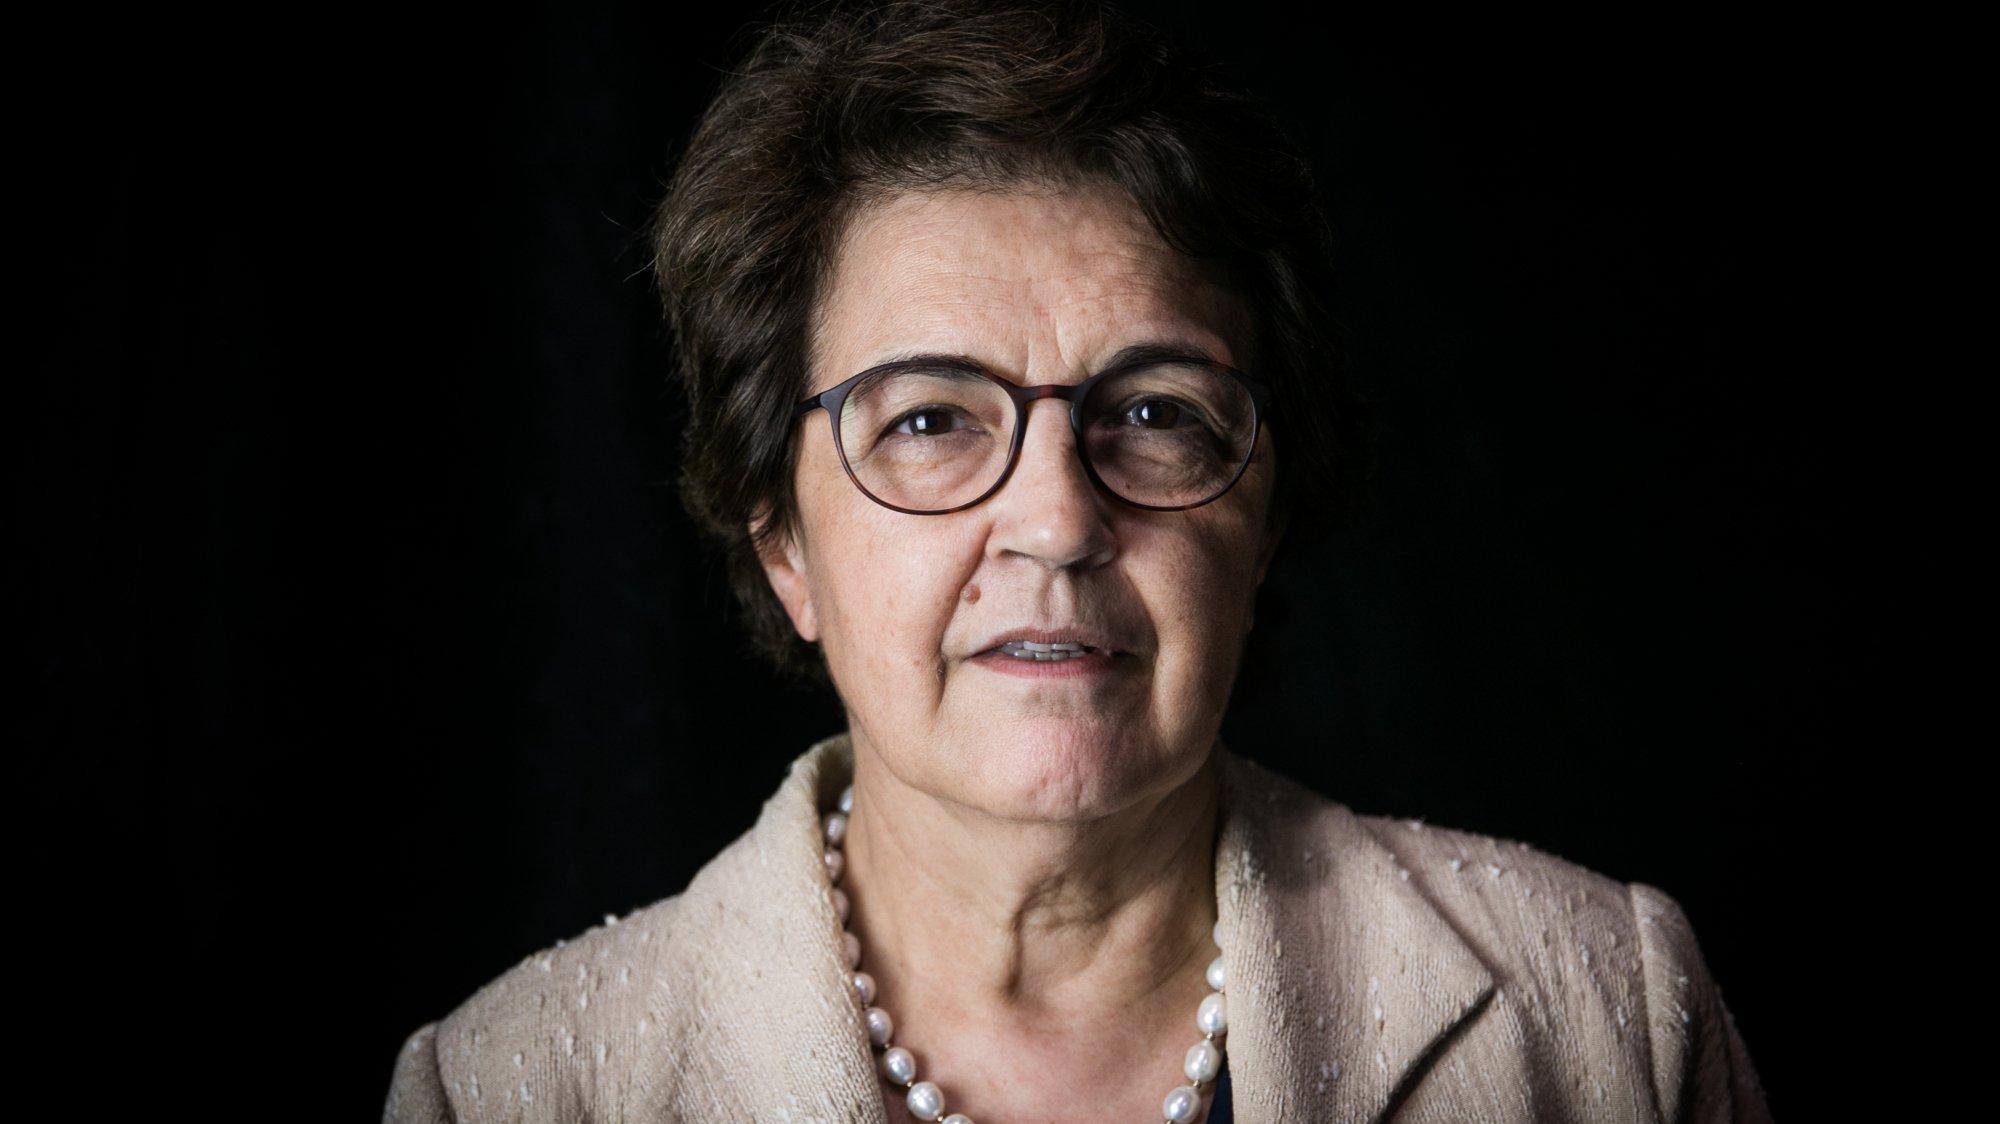 Ana Jorge, ex-ministra da saúde, presidente da cruz vermelha